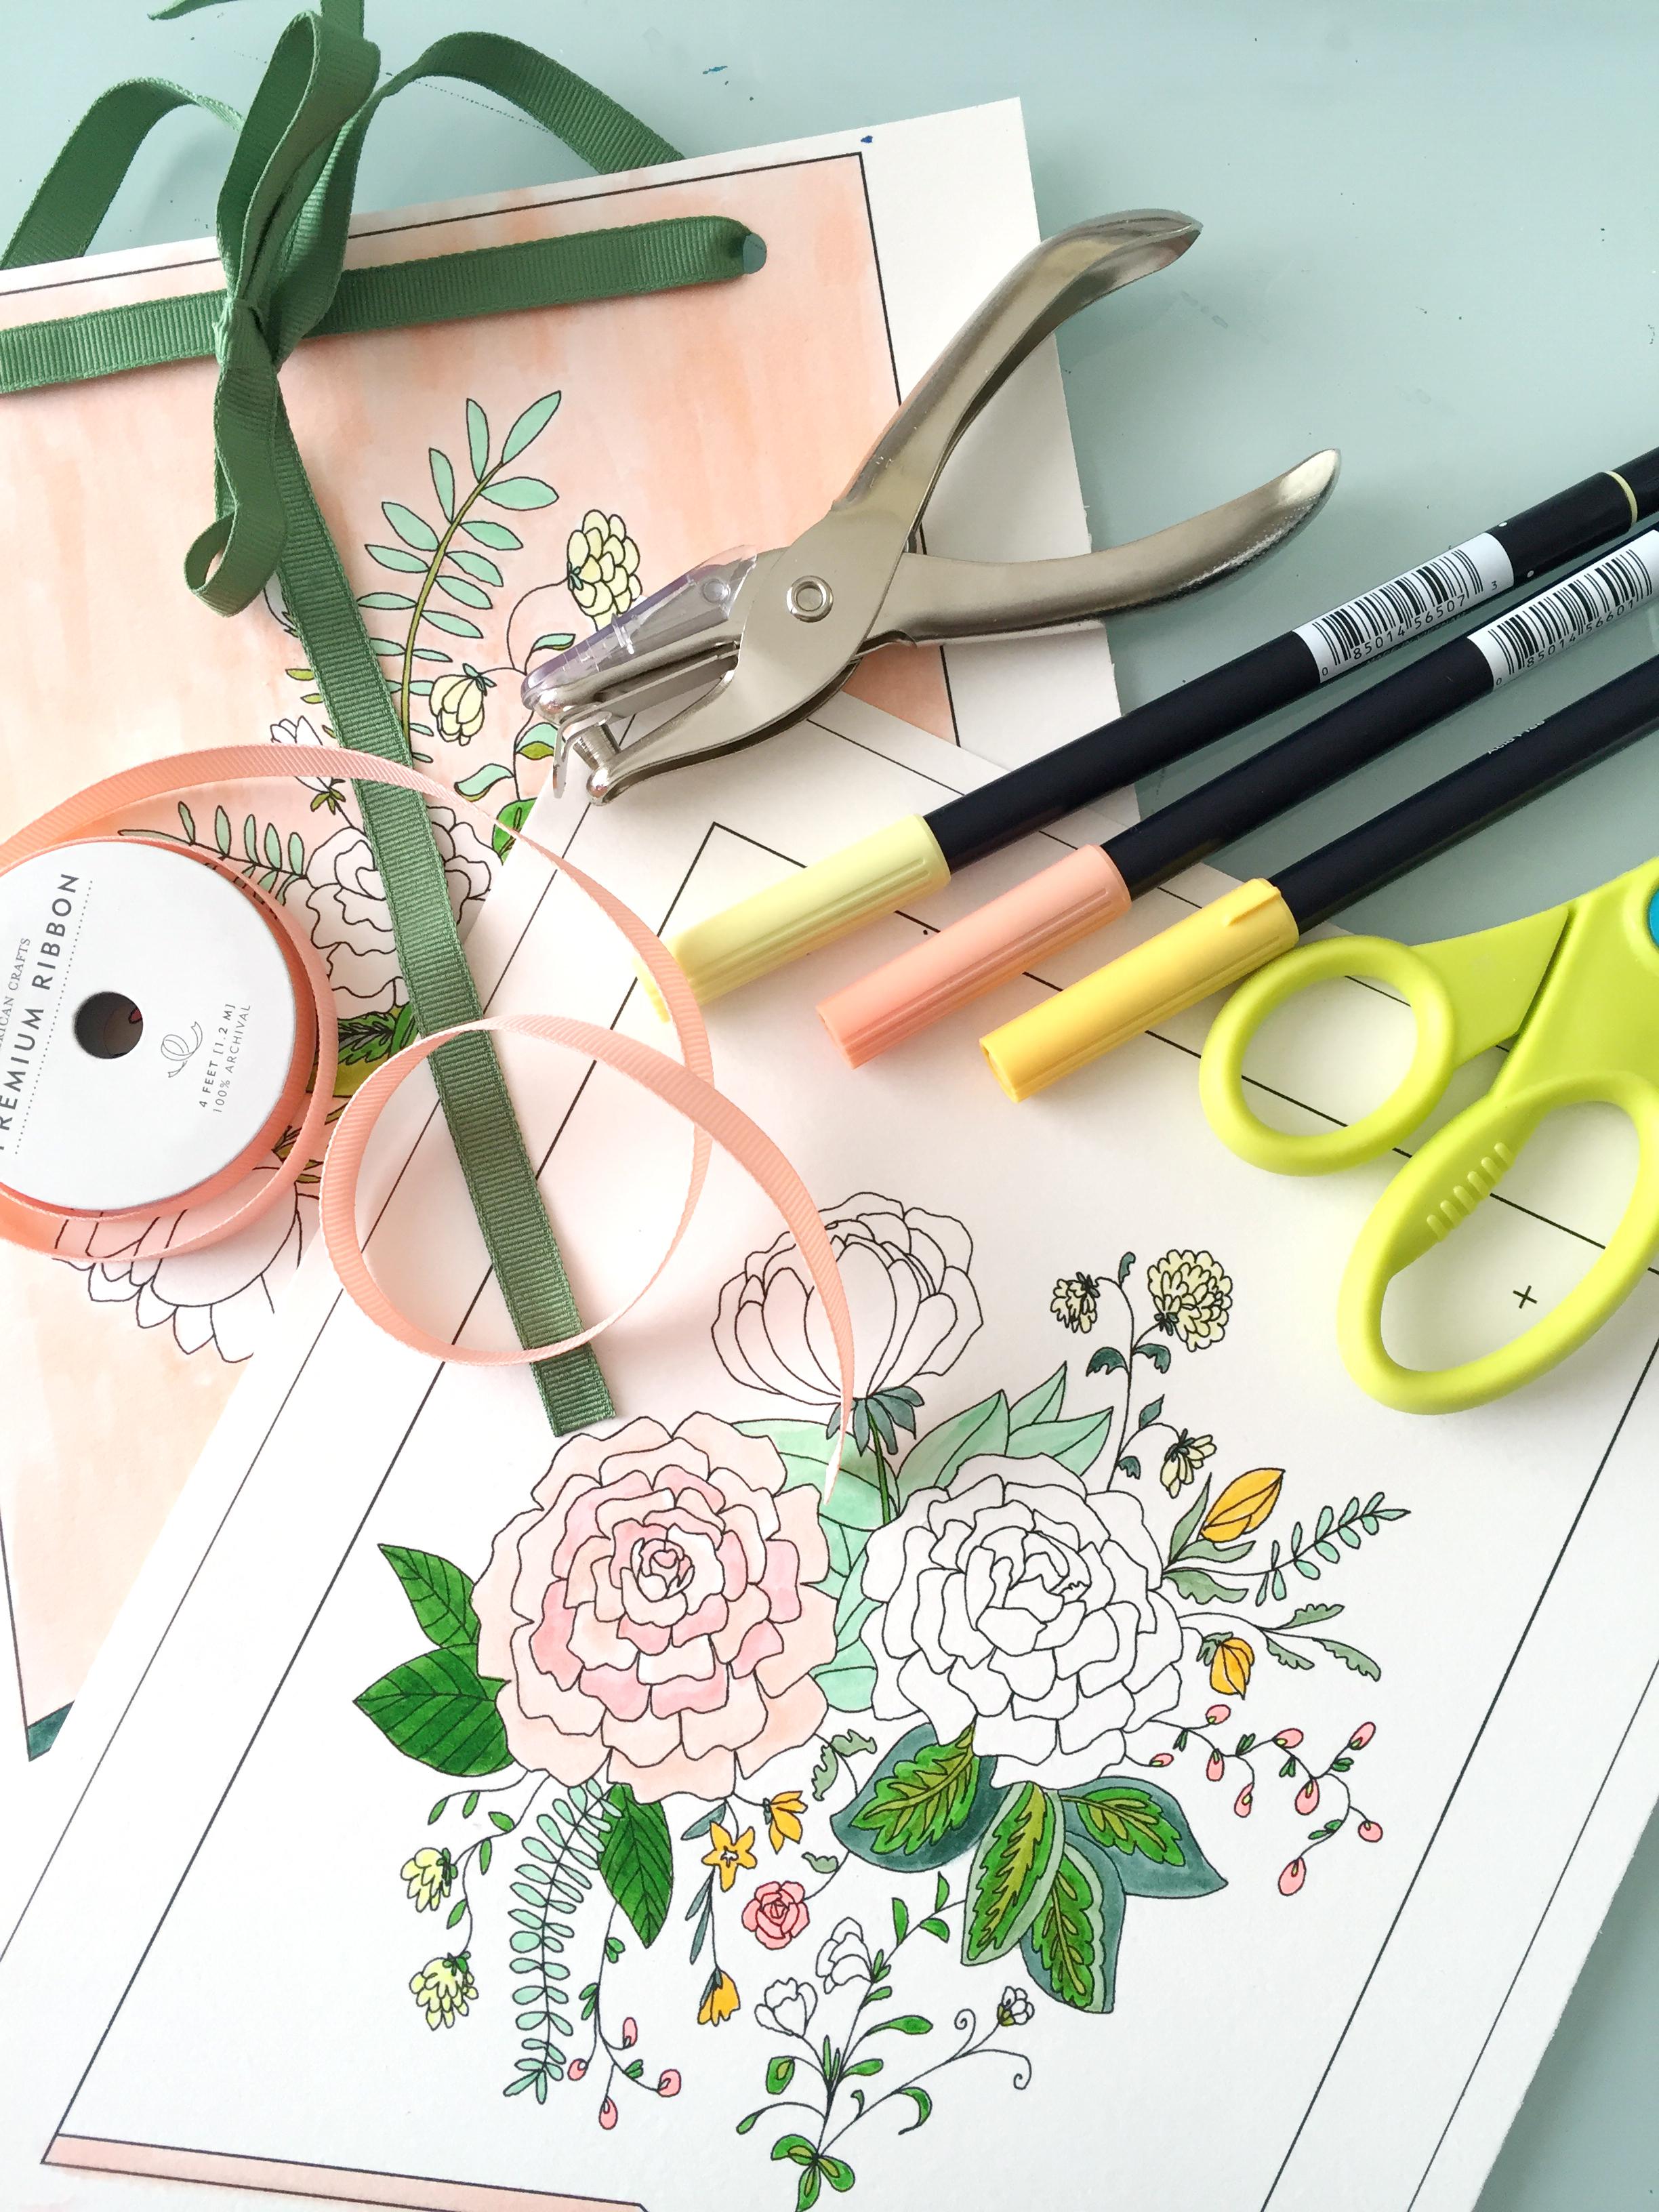 cherish-floral-bouquet-process-supplies